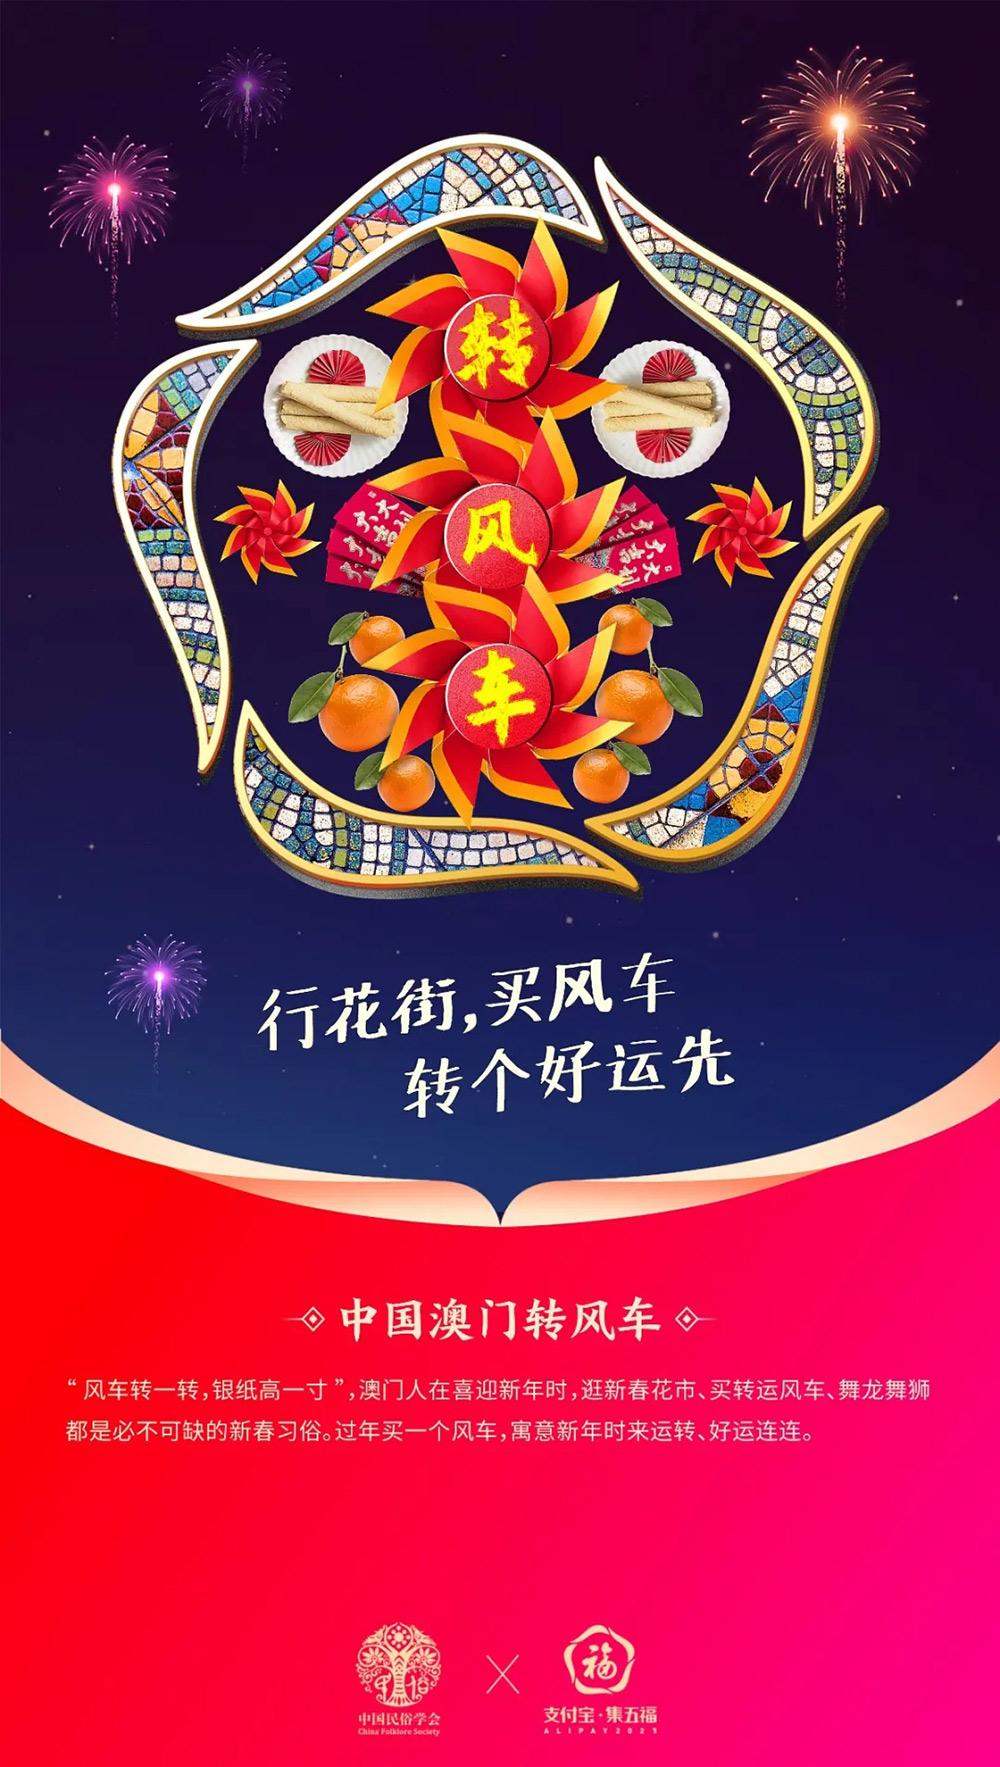 喜庆闹新年!支付宝年俗插画海报设计